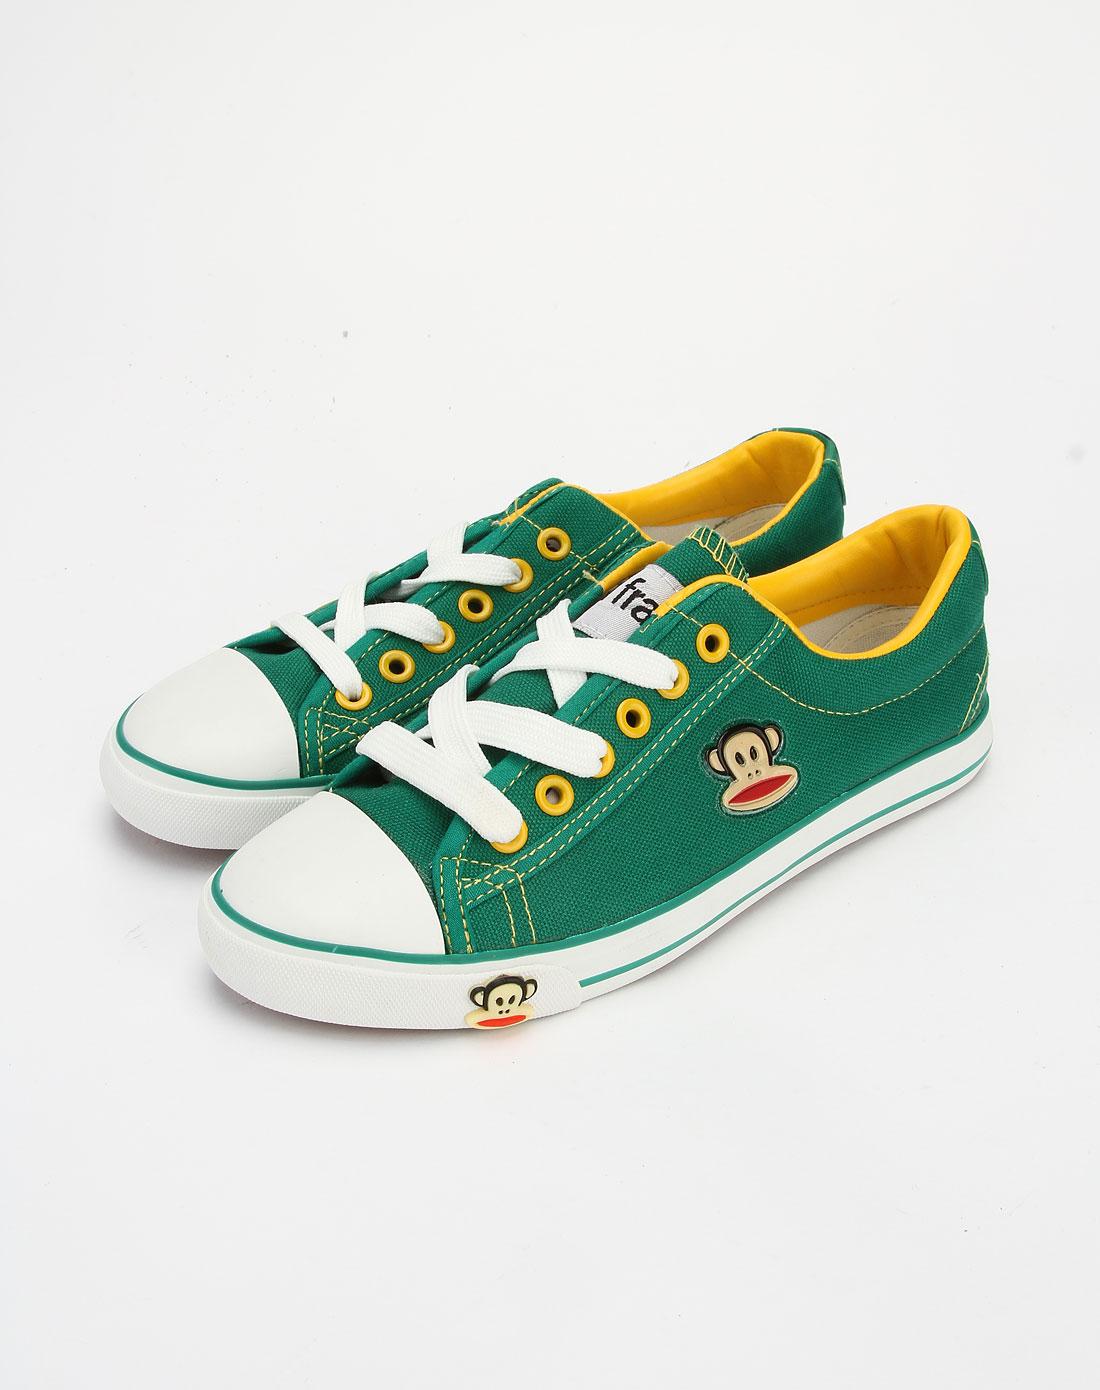 frank休闲鞋专场女款绿色系带休闲帆布鞋